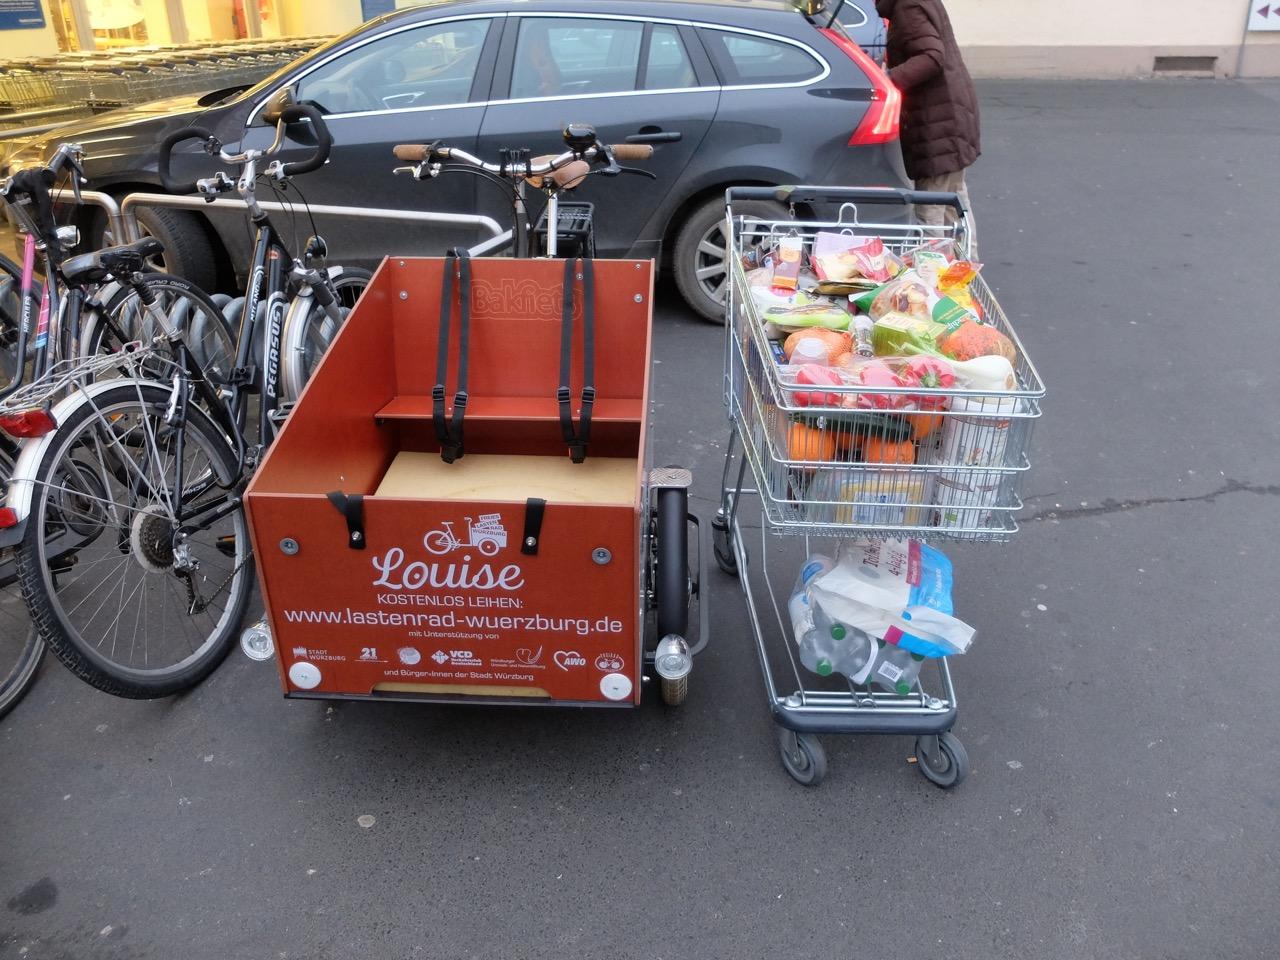 E-Lastenrad Louise beim Einkaufen